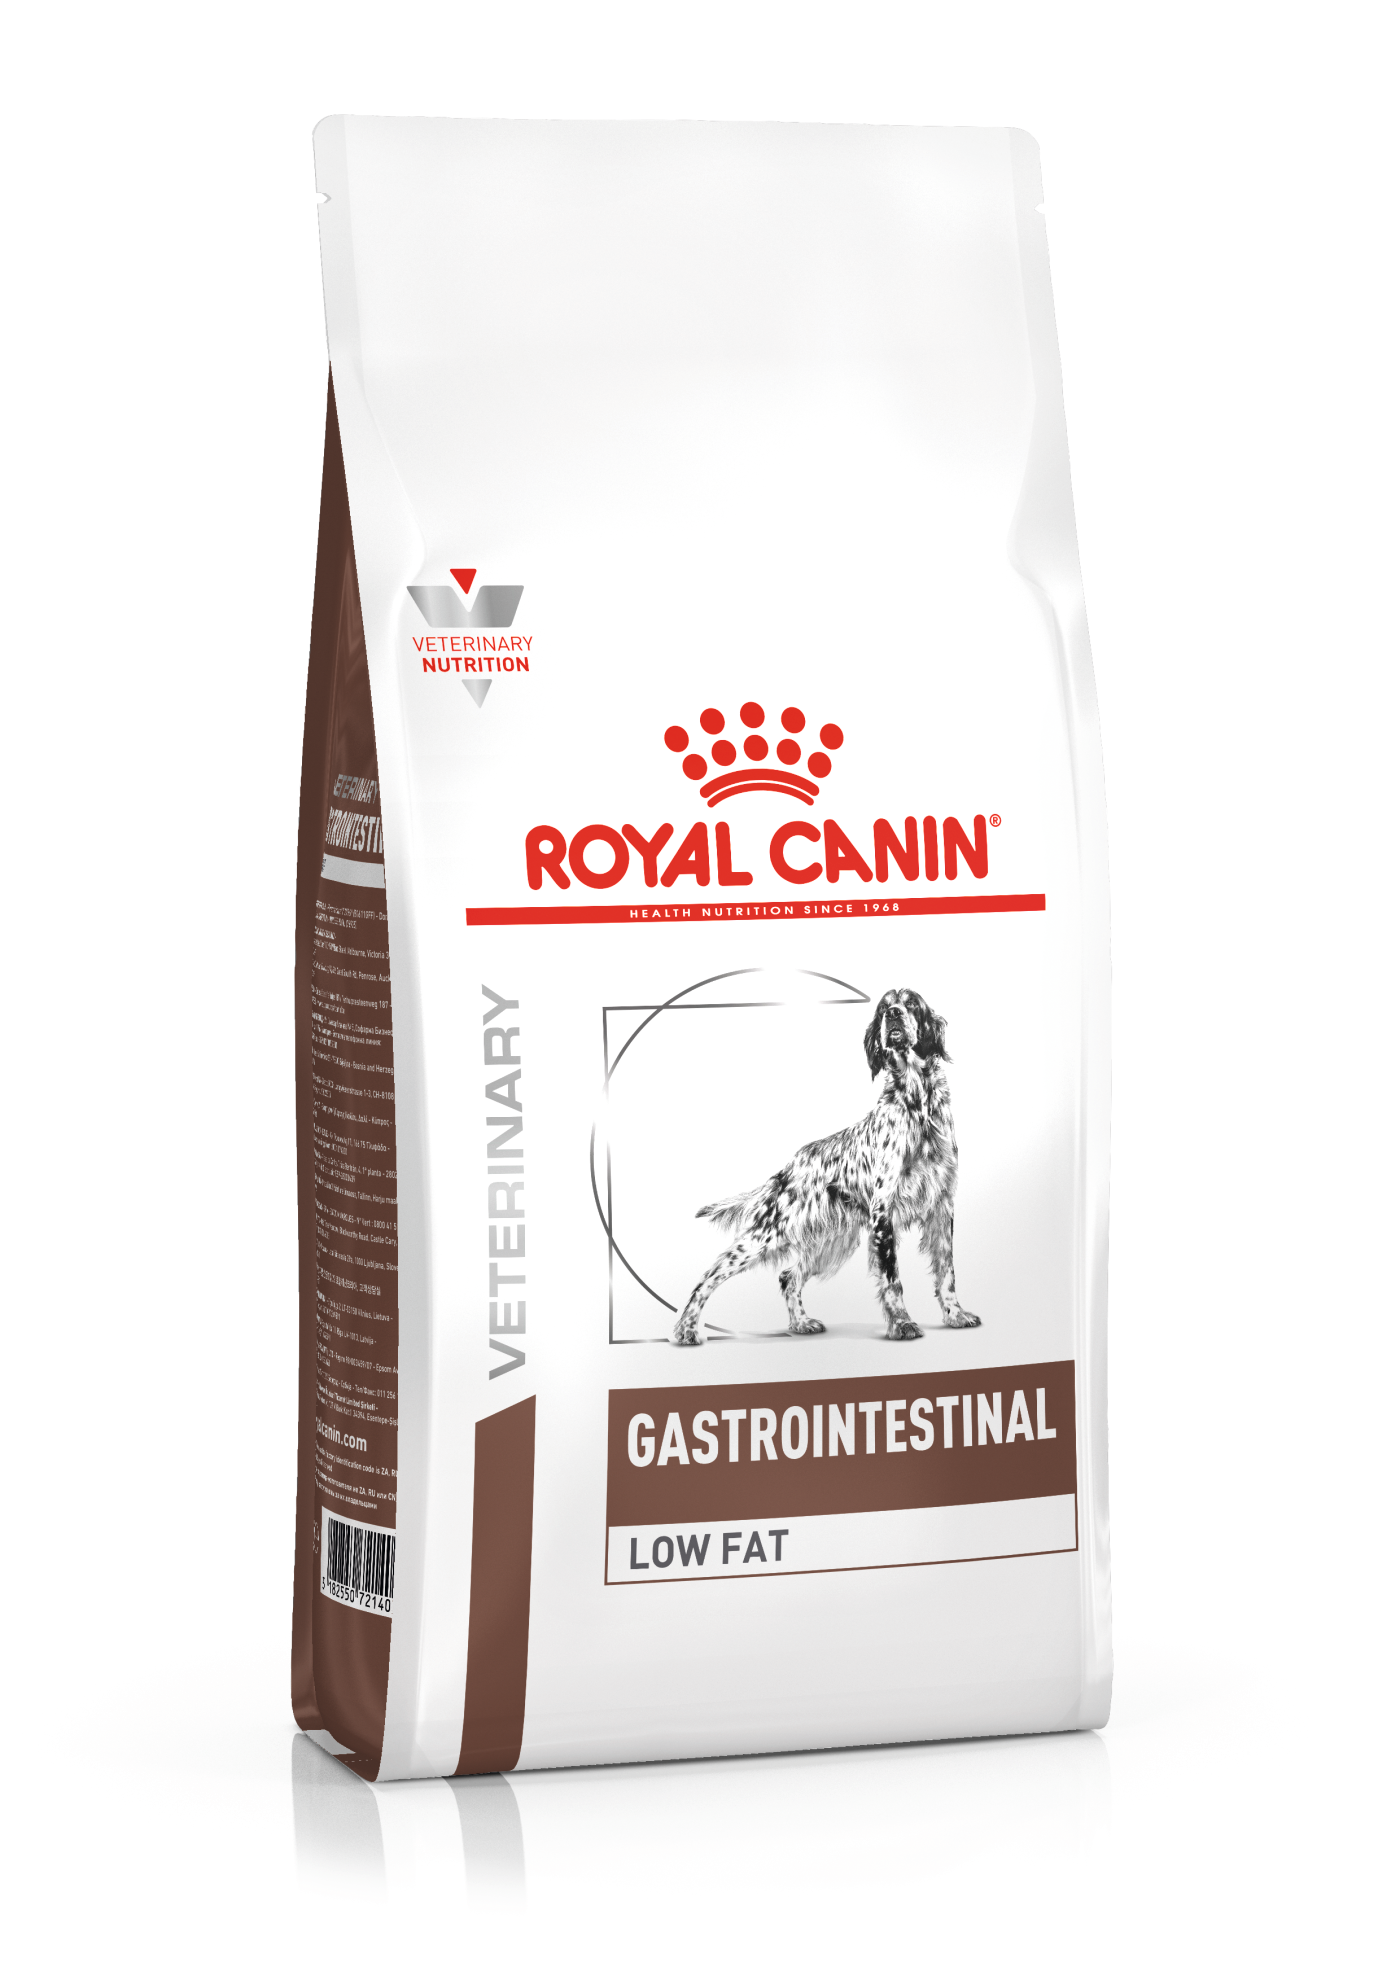 Royal Canin Корм для собак, Royal Canin Gastro Intestinal Low Fat LF22, при нарушениях пищеварения и экзокринной недостаточности поджелудочной железы 4627109385461_1.png